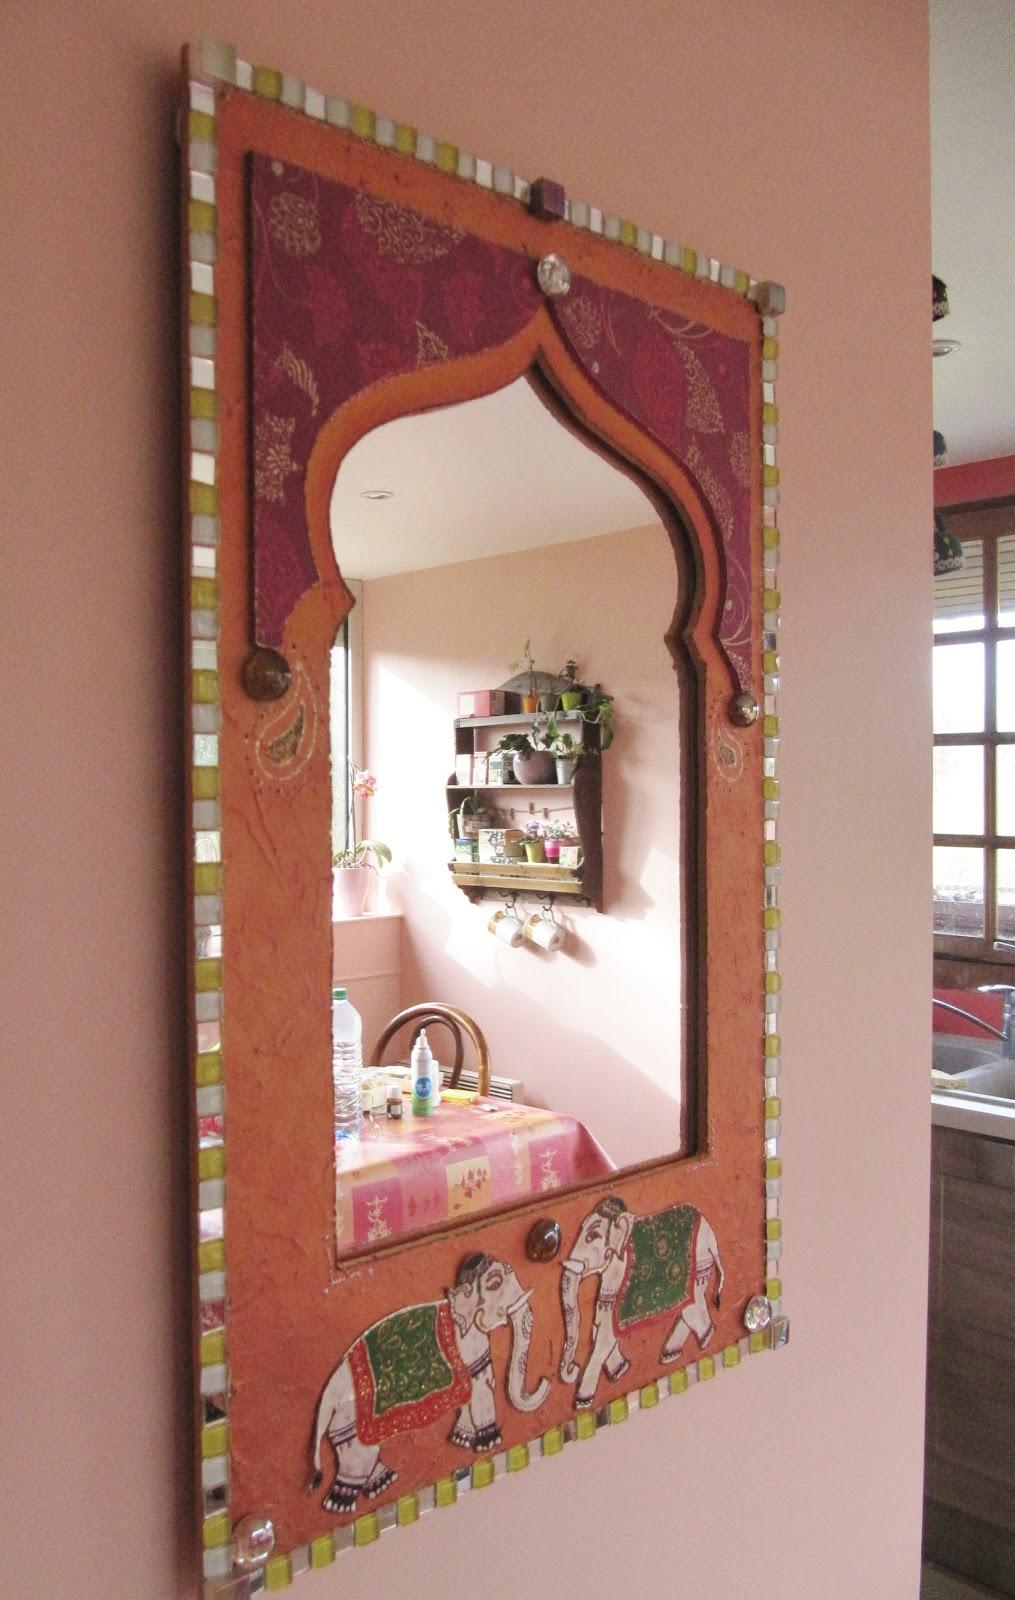 Séverine peugniez créations: miroir oriental, création sur ...